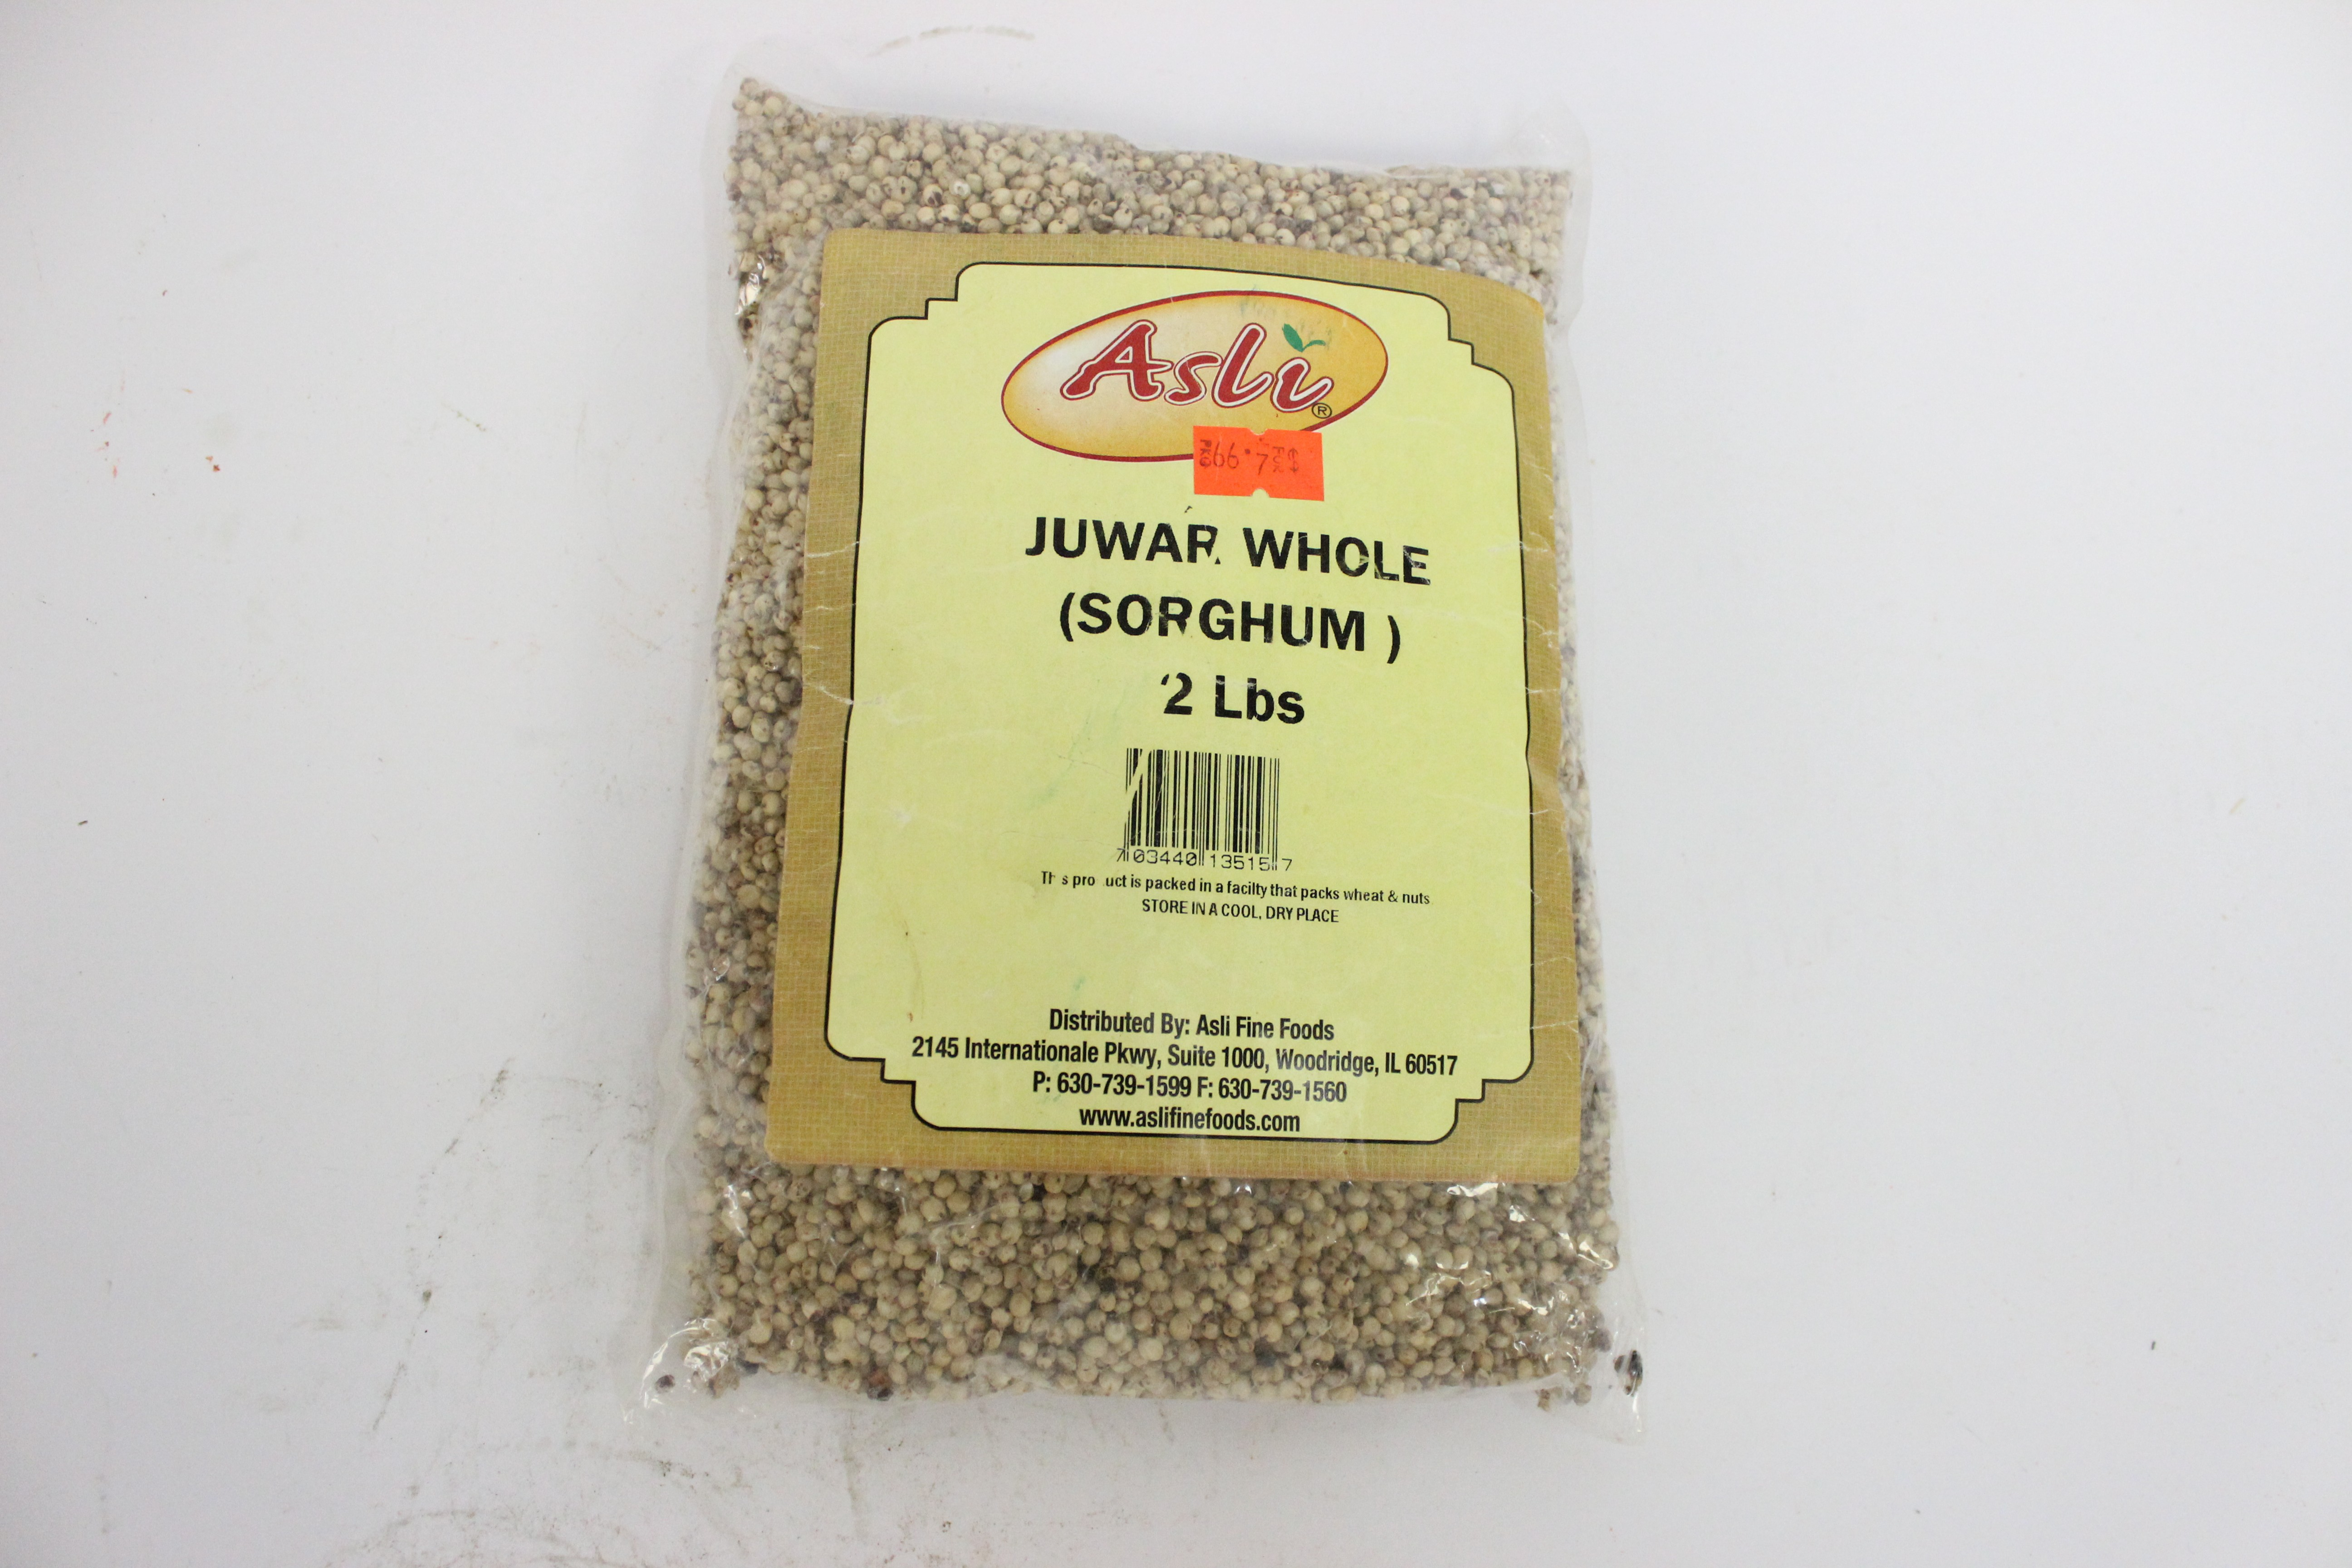 Juwar Whole 2 lbs